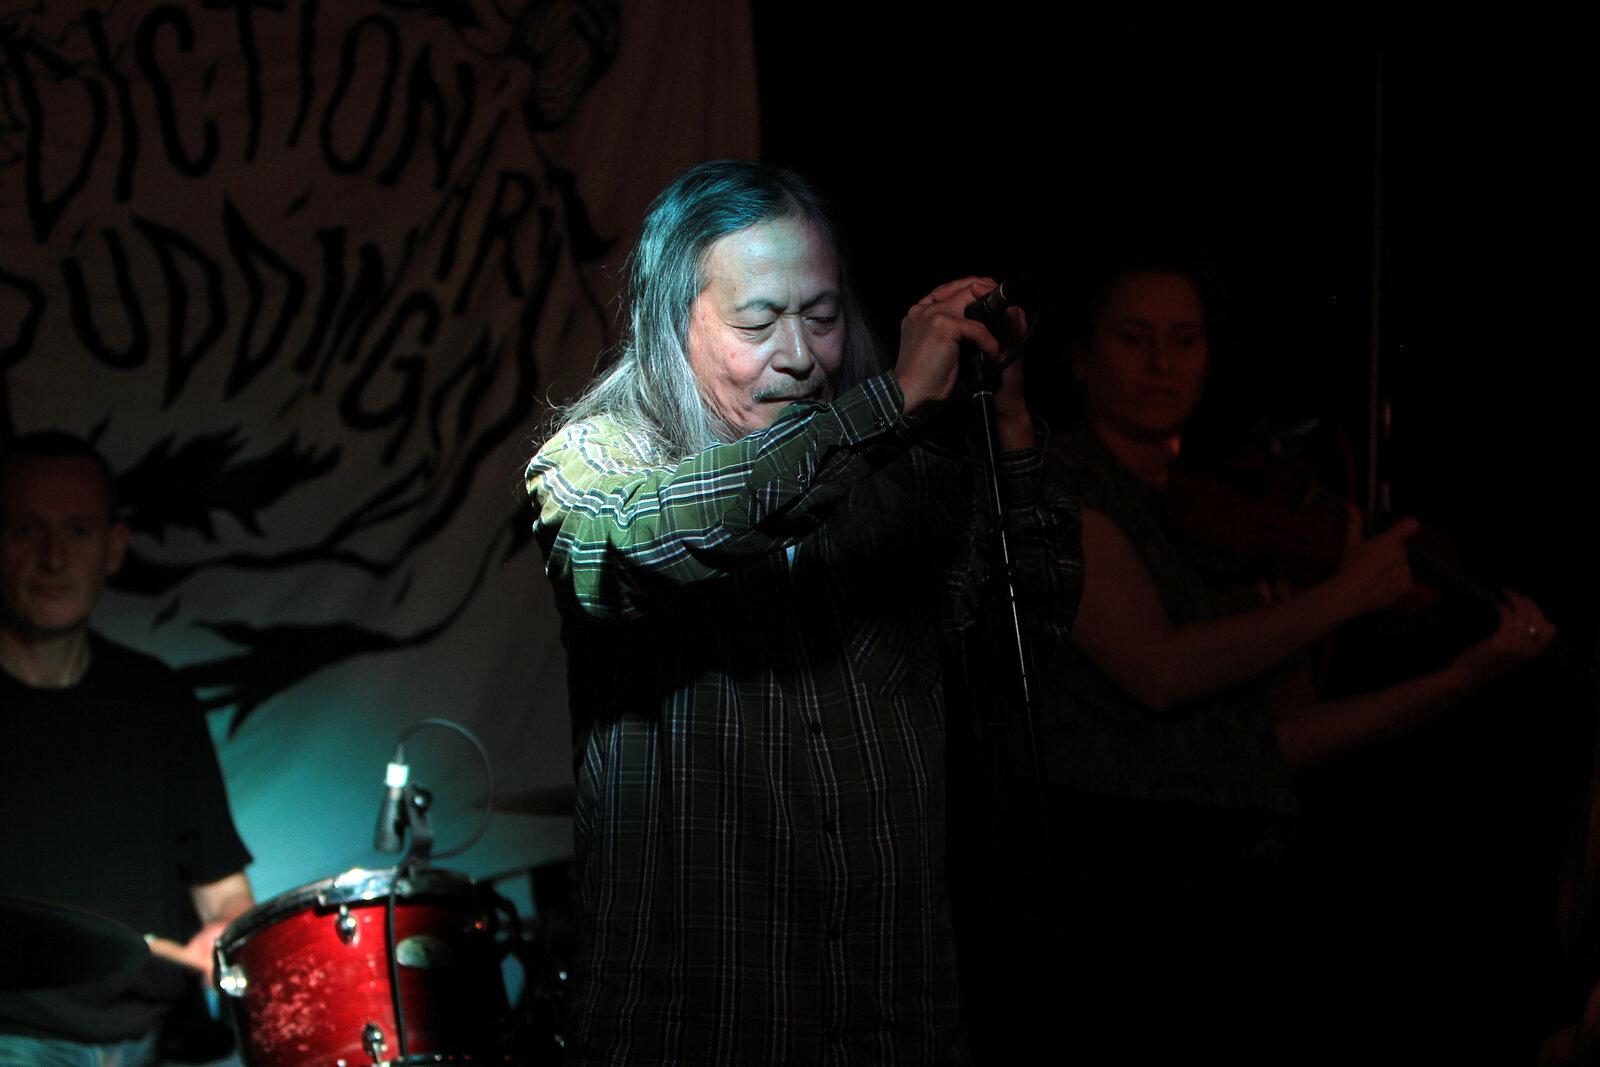 Damo Suzuki Tour - Brighton Sound Check - 2016